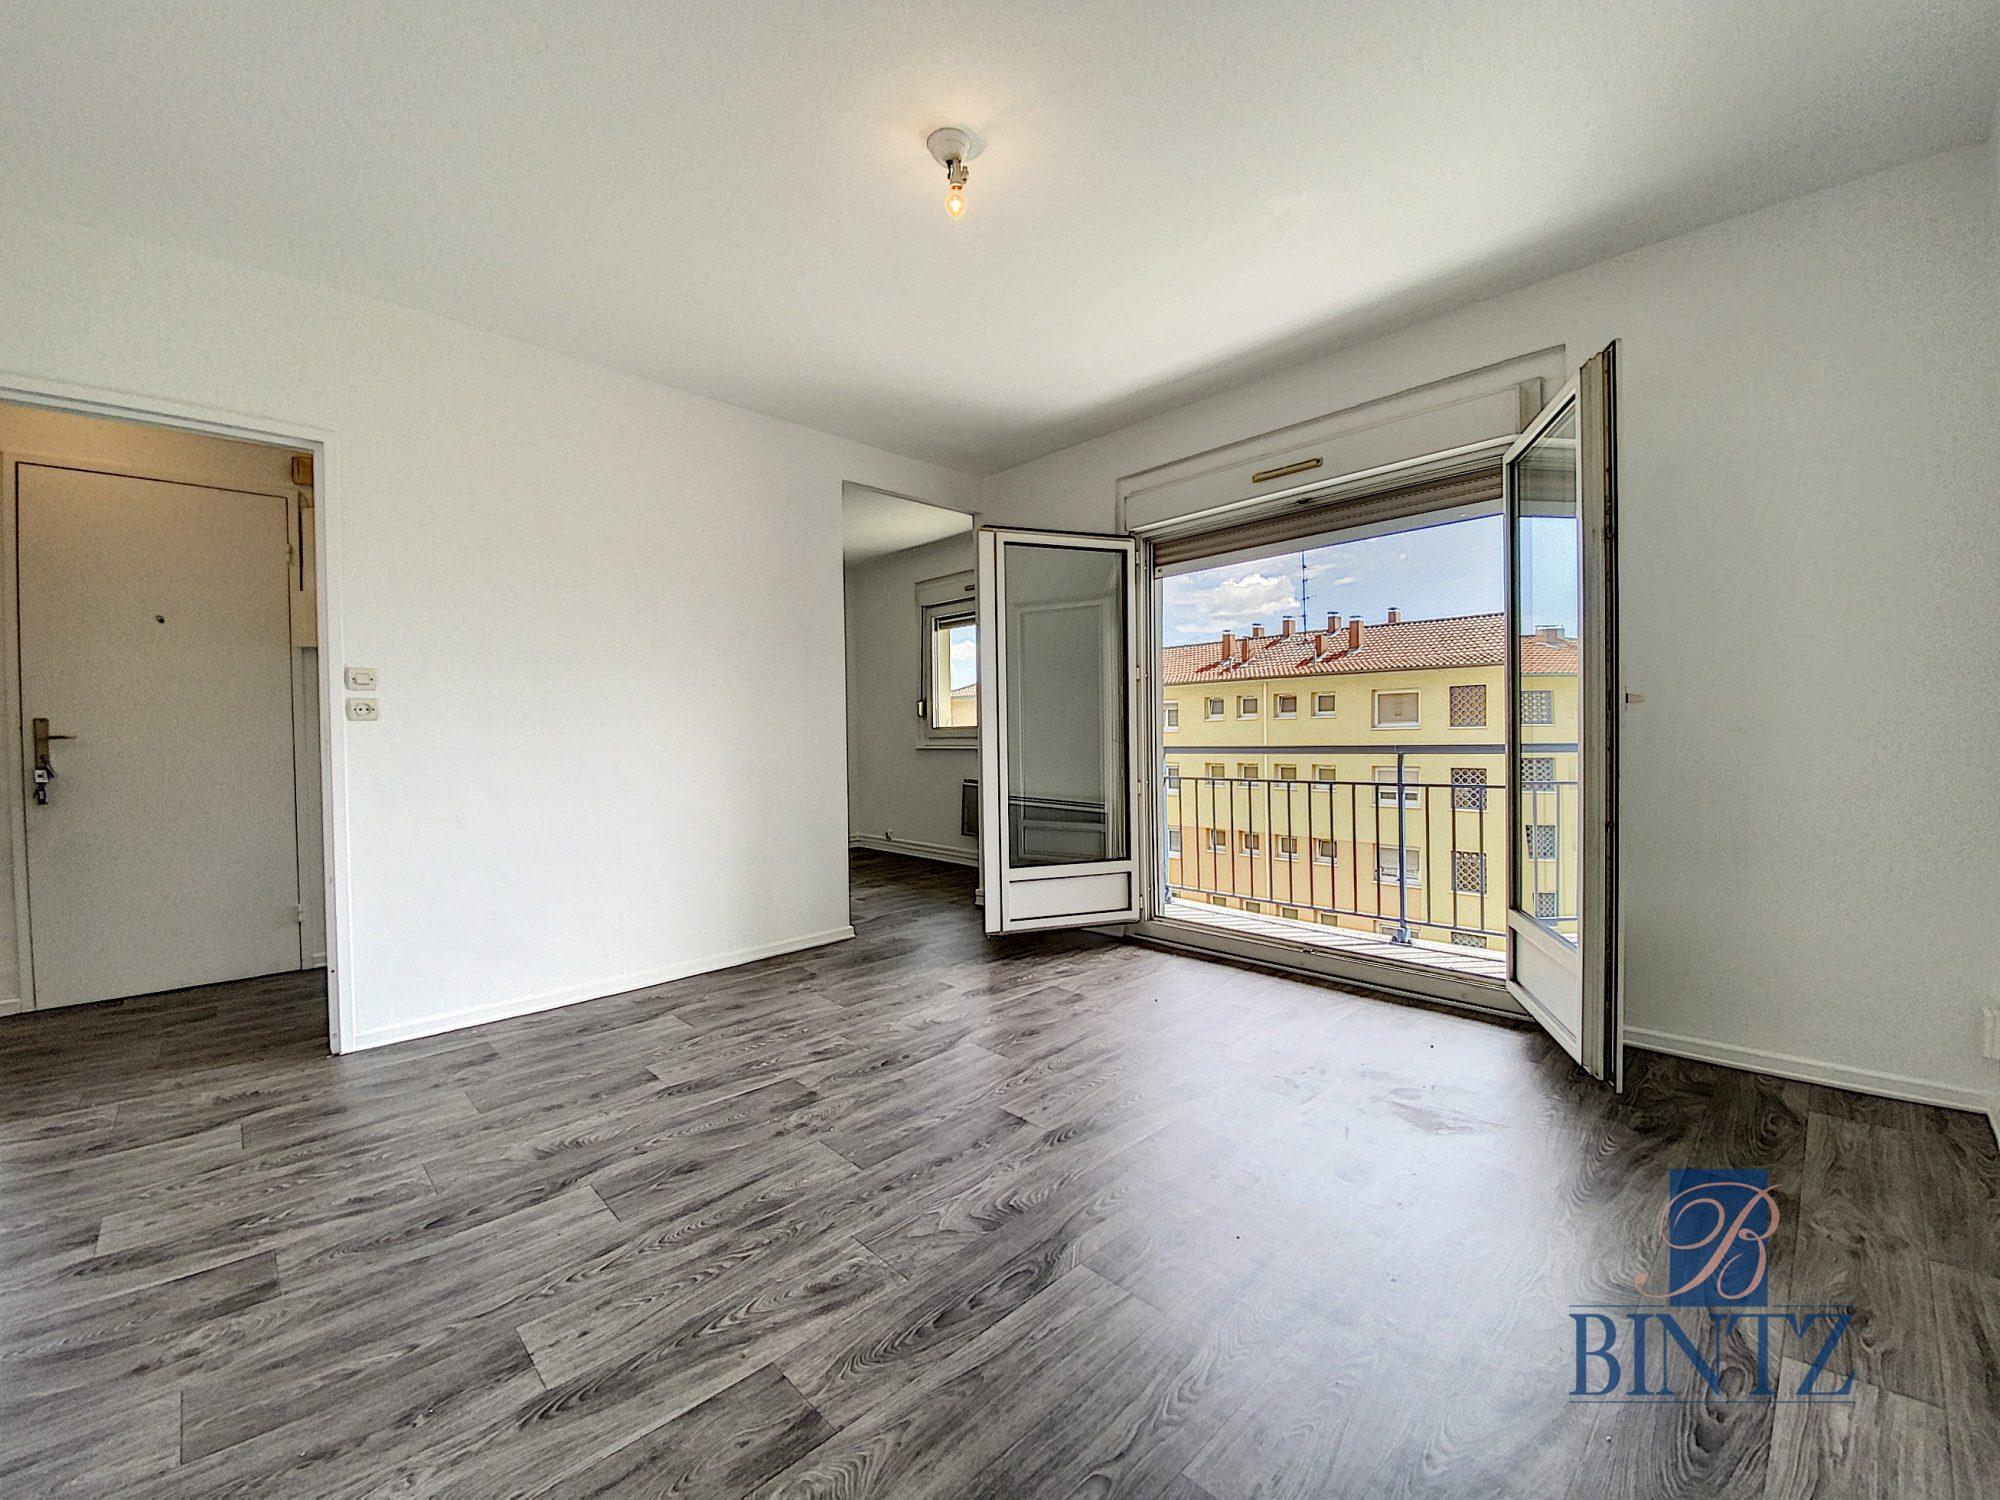 4P MUSAU 4 RIMBACH - Devenez locataire en toute sérénité - Bintz Immobilier - 1